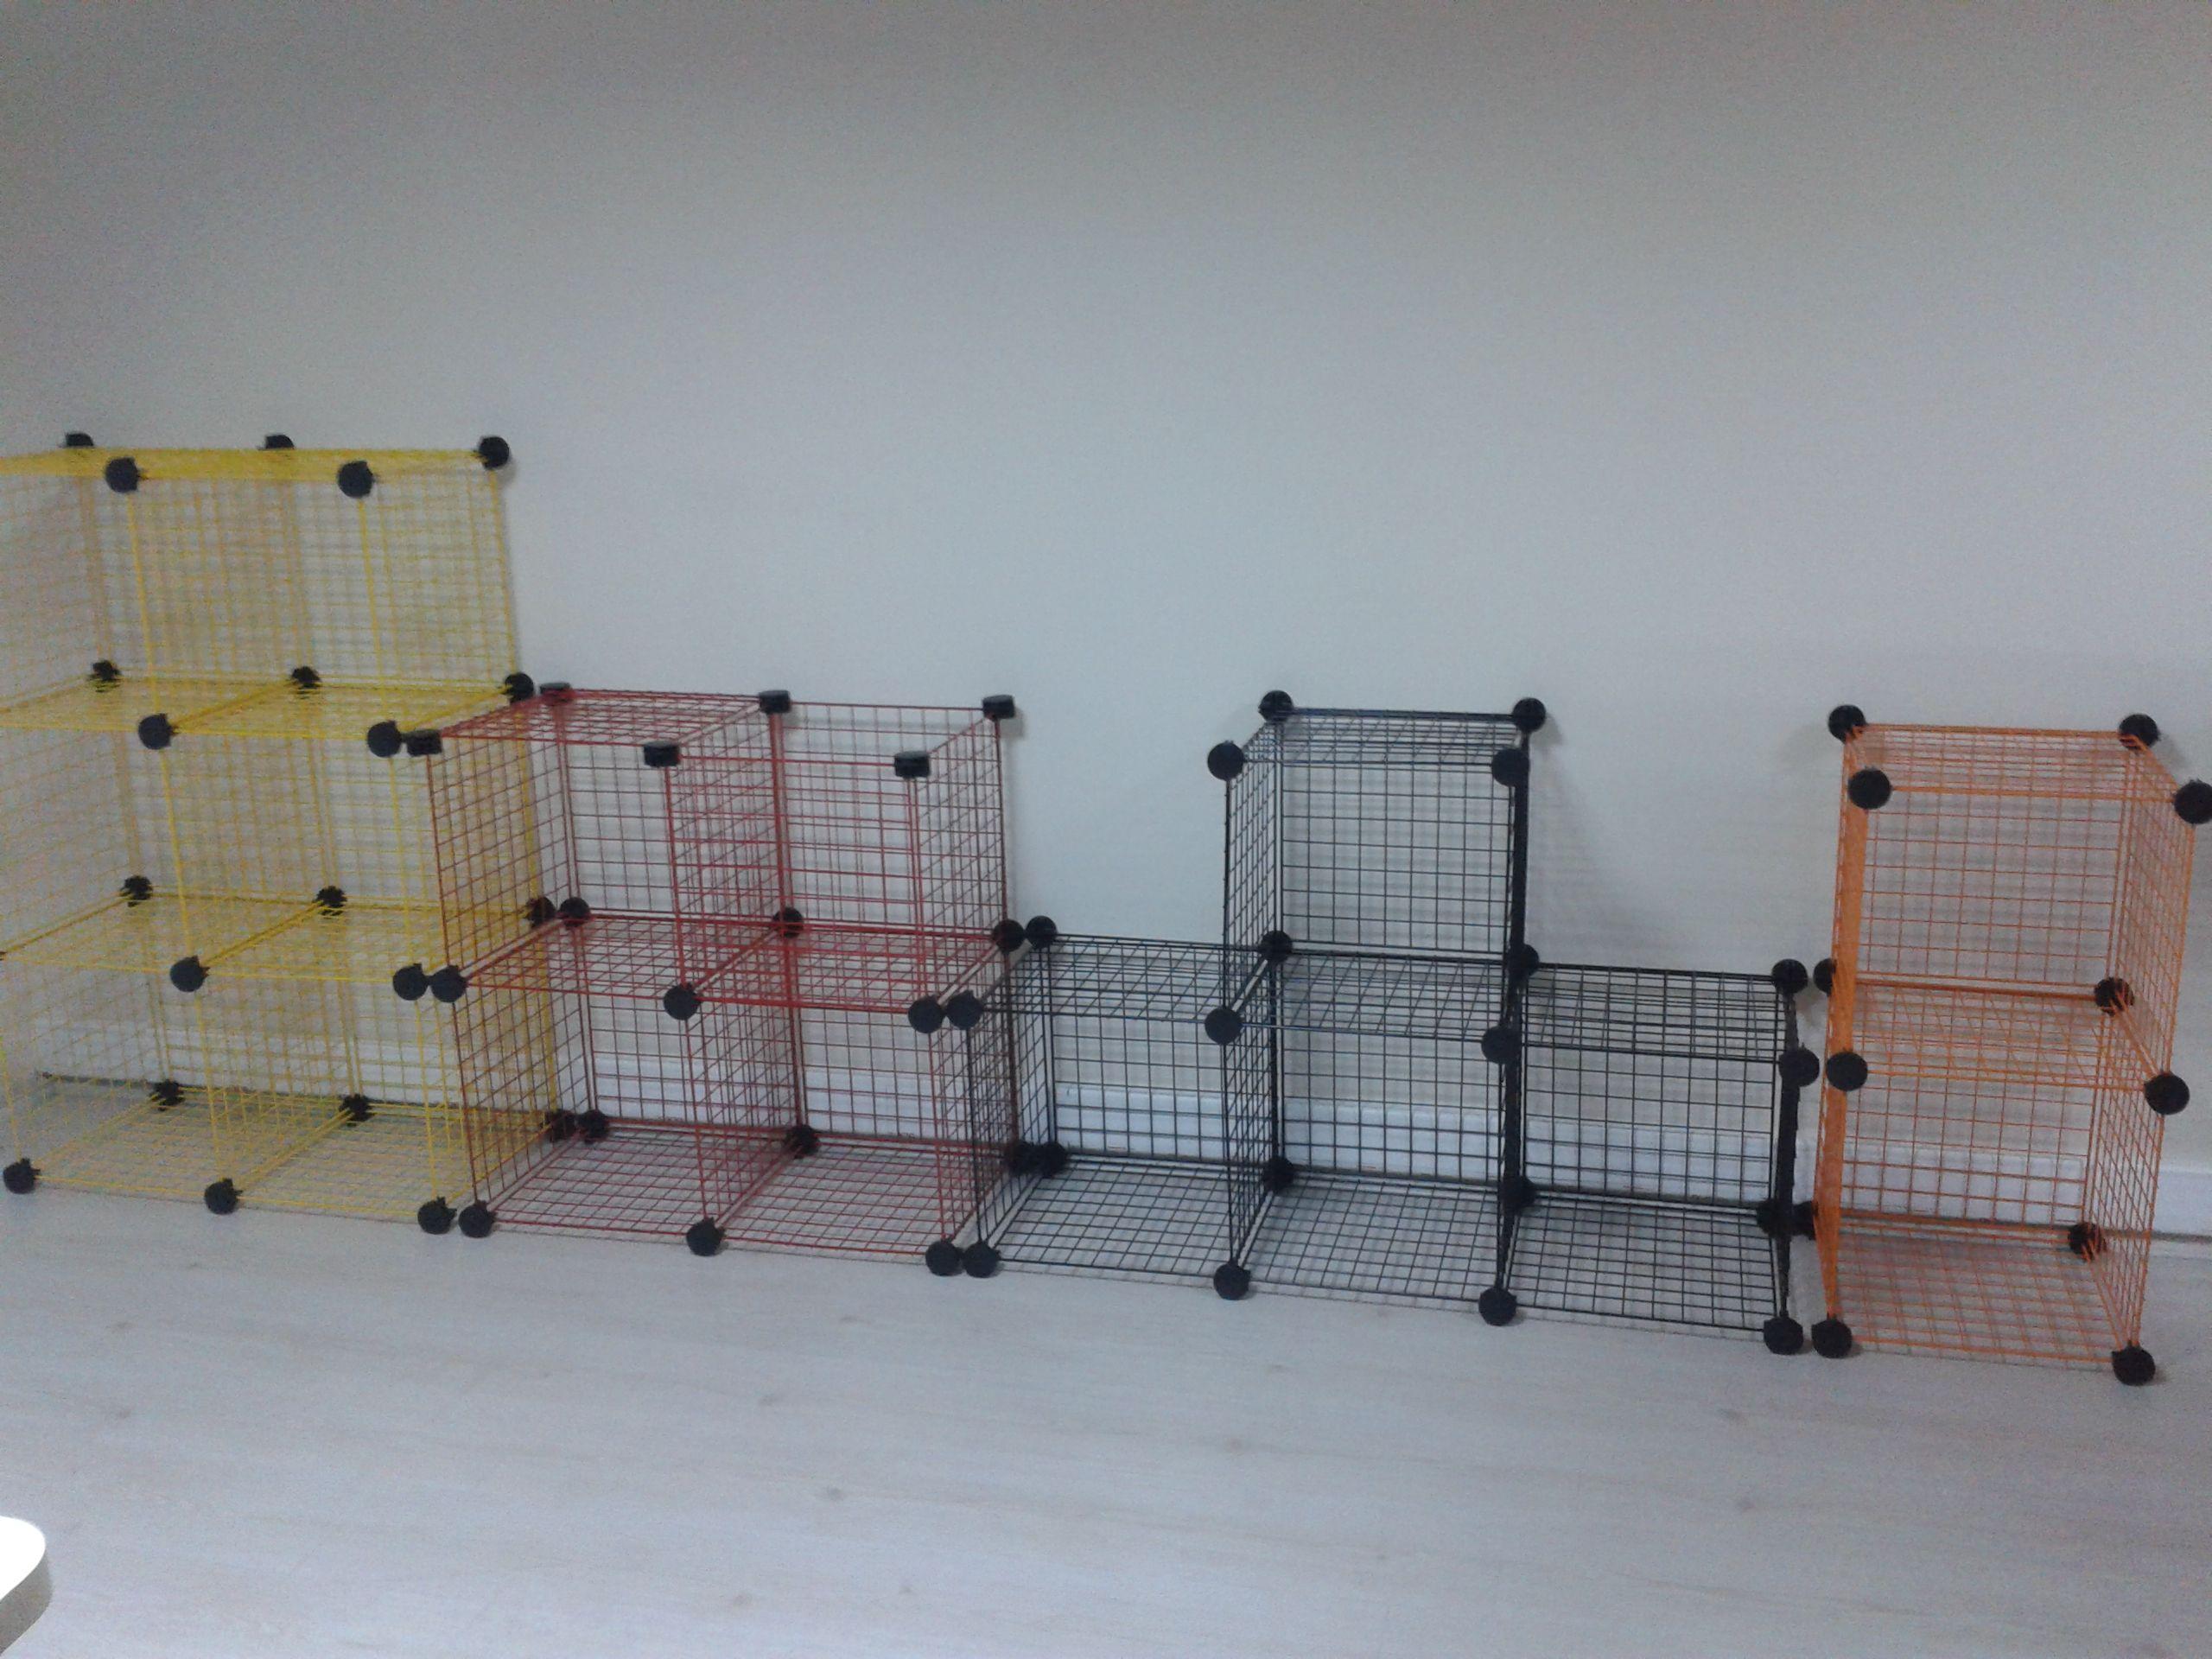 Dekoratif ve şık düzenleyiciler oluşturmanızı sağlayan tel paneller ...